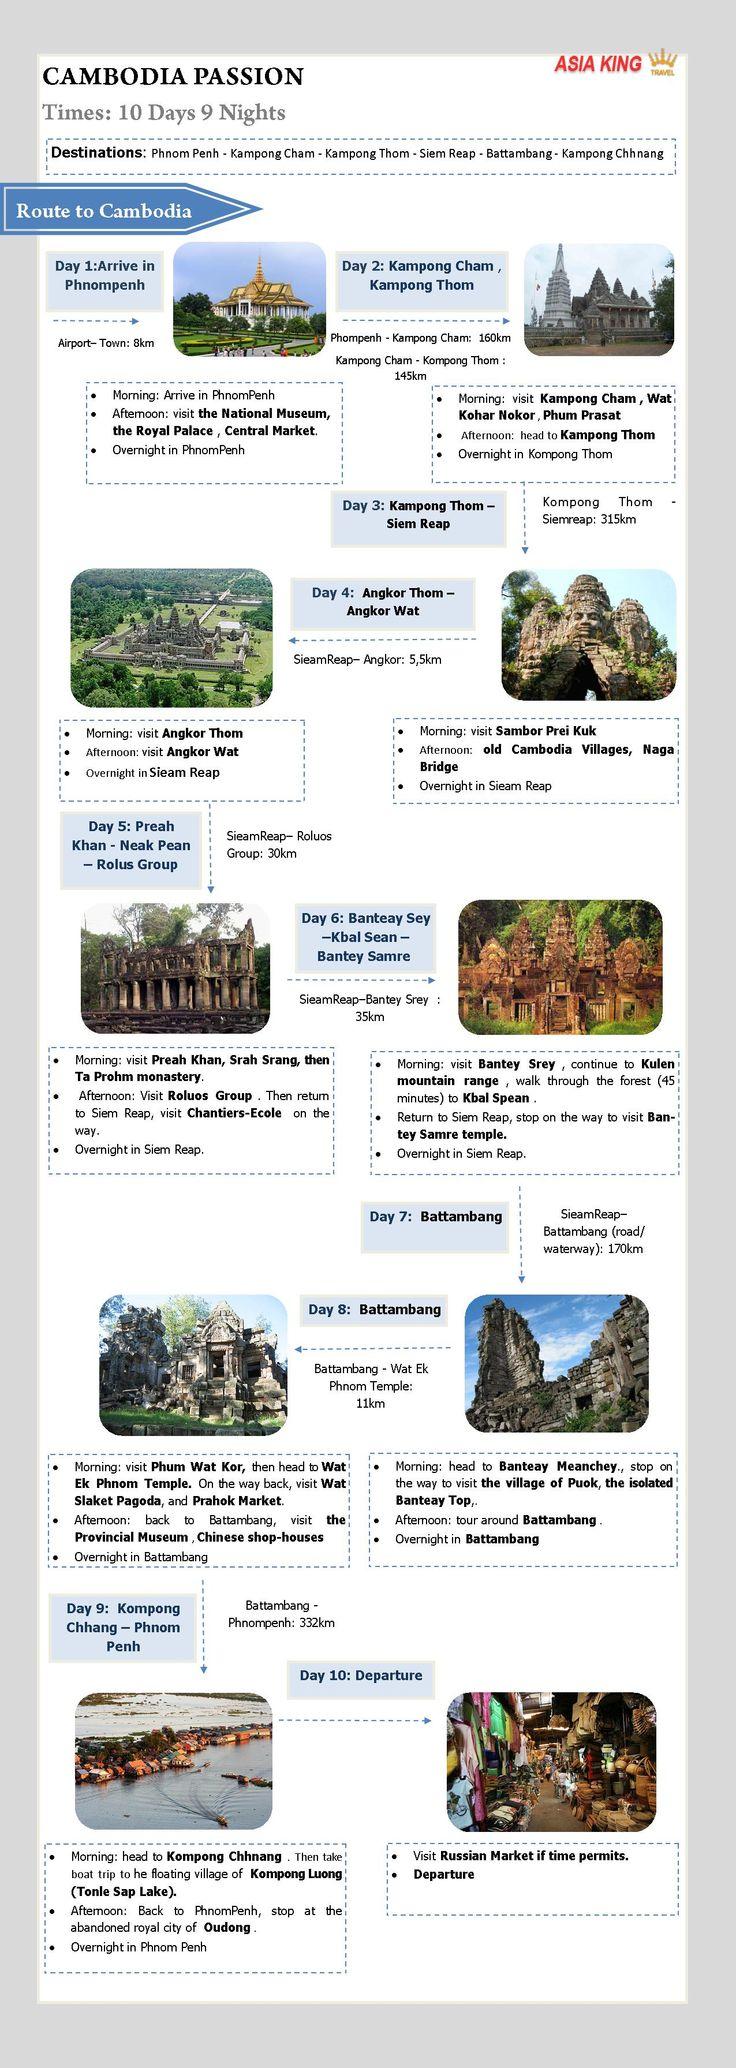 Cambodia 10 days 9 nights Destinations: Phnom Penh- Kampong Cham- Kampong Thom- Siem Reap- Battambang- Kampong Chhnang